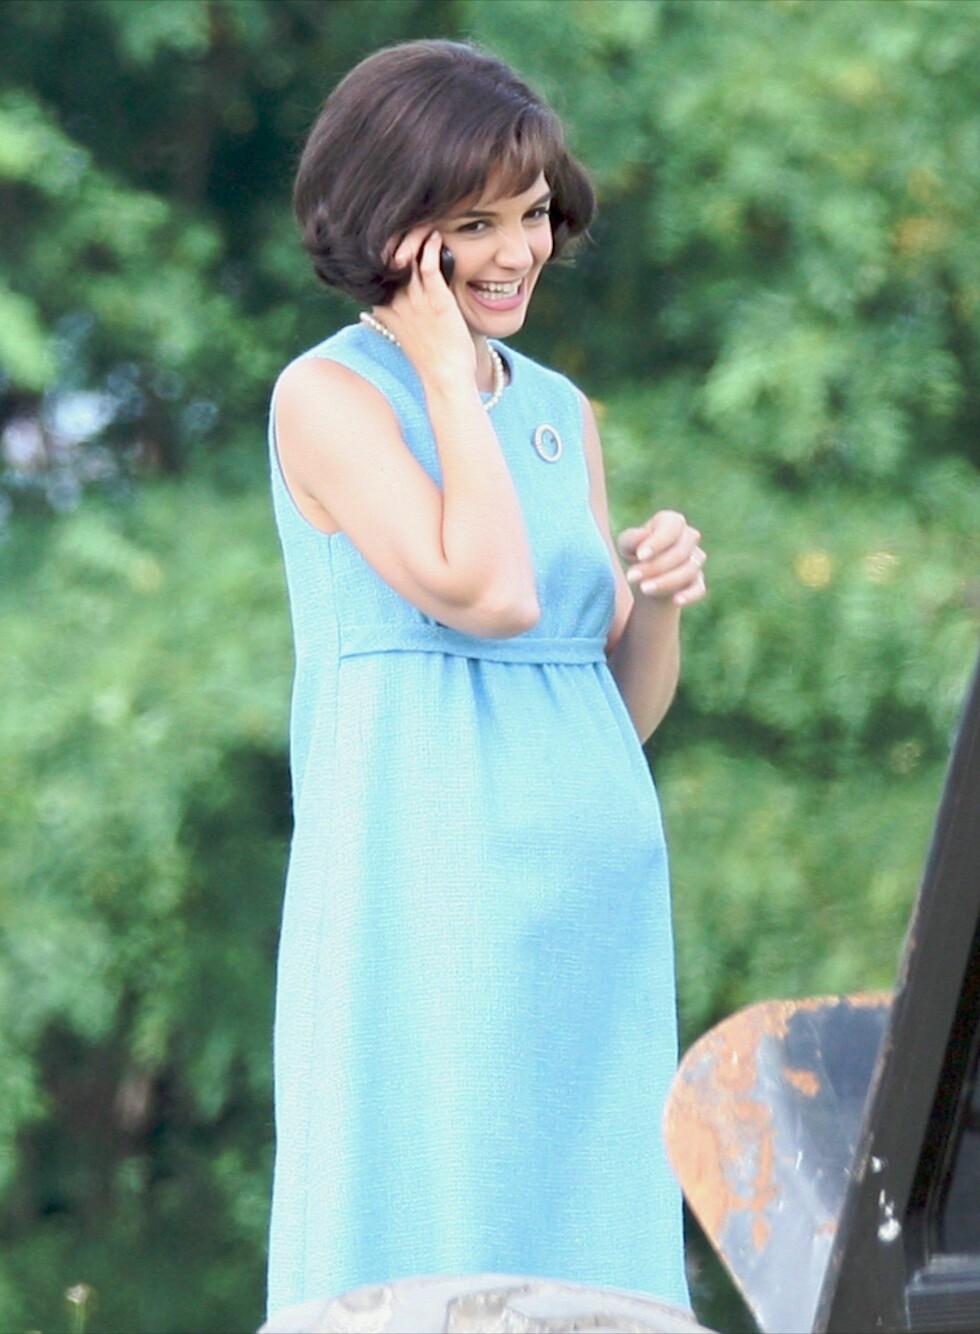 SØT KJOLE: Babyblå kjole uten ermer og empireliv. Akkurat slik som Jackie. Perlene er selvsagt på plass! Foto: All Over Press